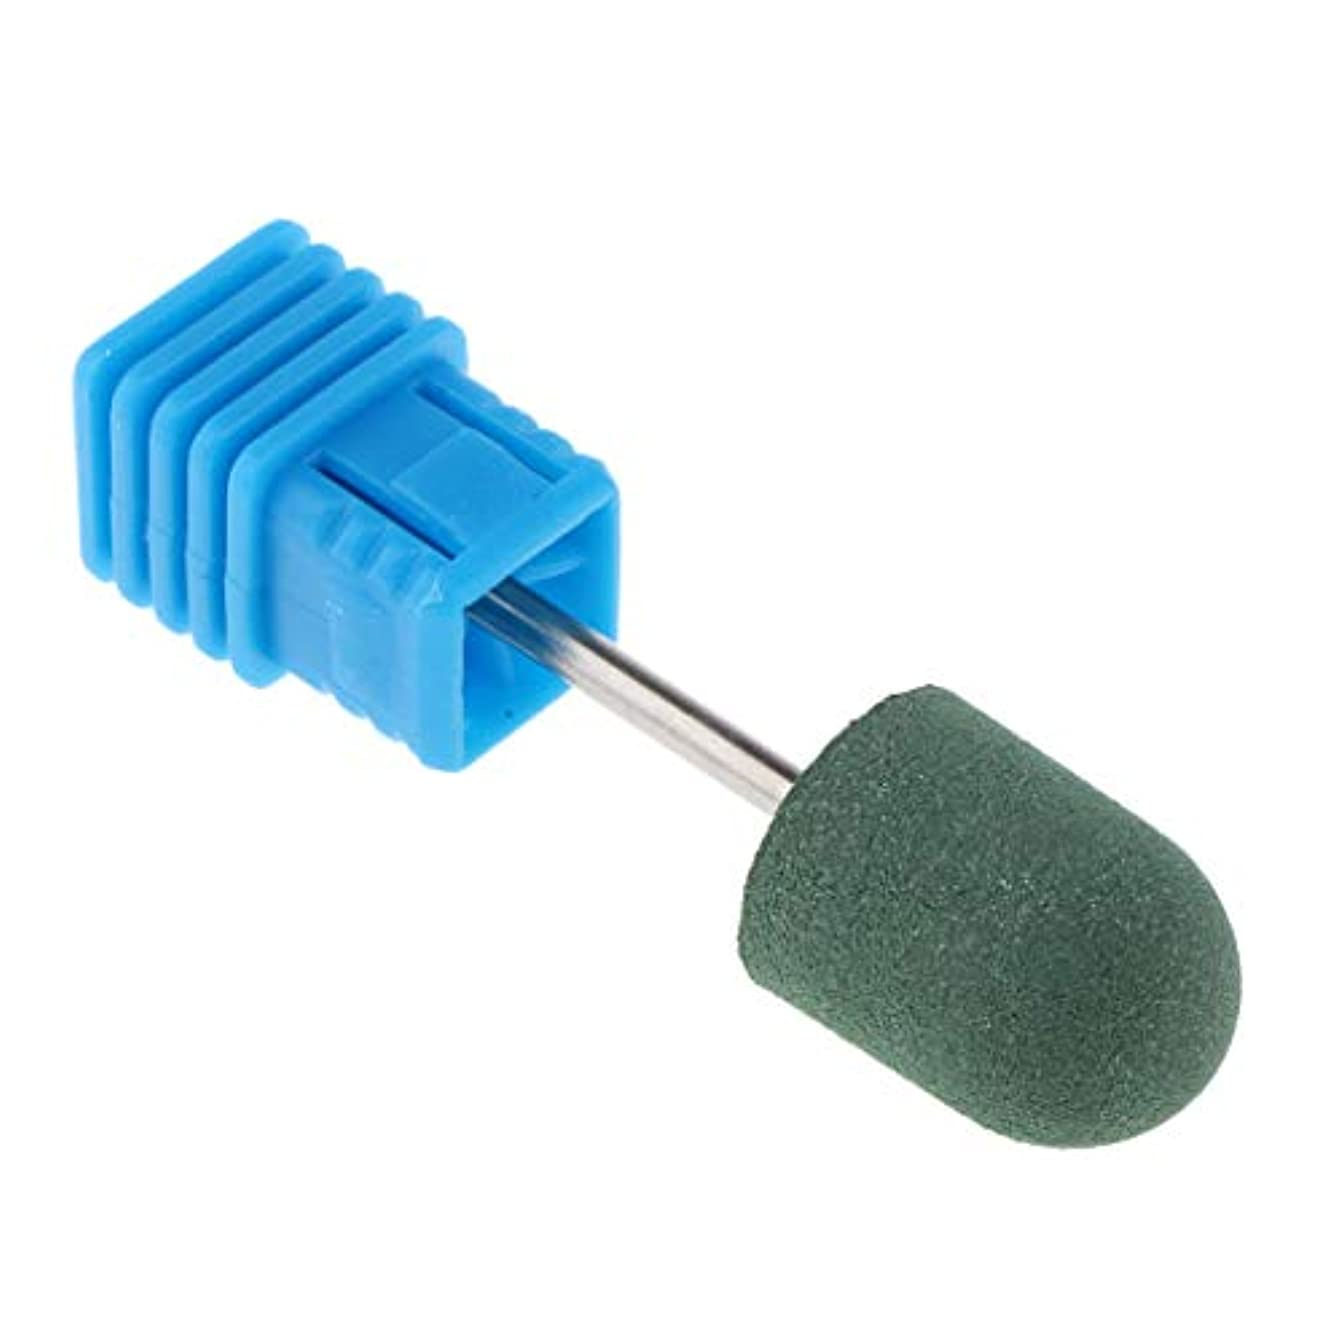 ネックレット毒性北東3サイズ選択 電動ネイルアートビット ドリルビット 研磨研削バフ ヘッド - 04